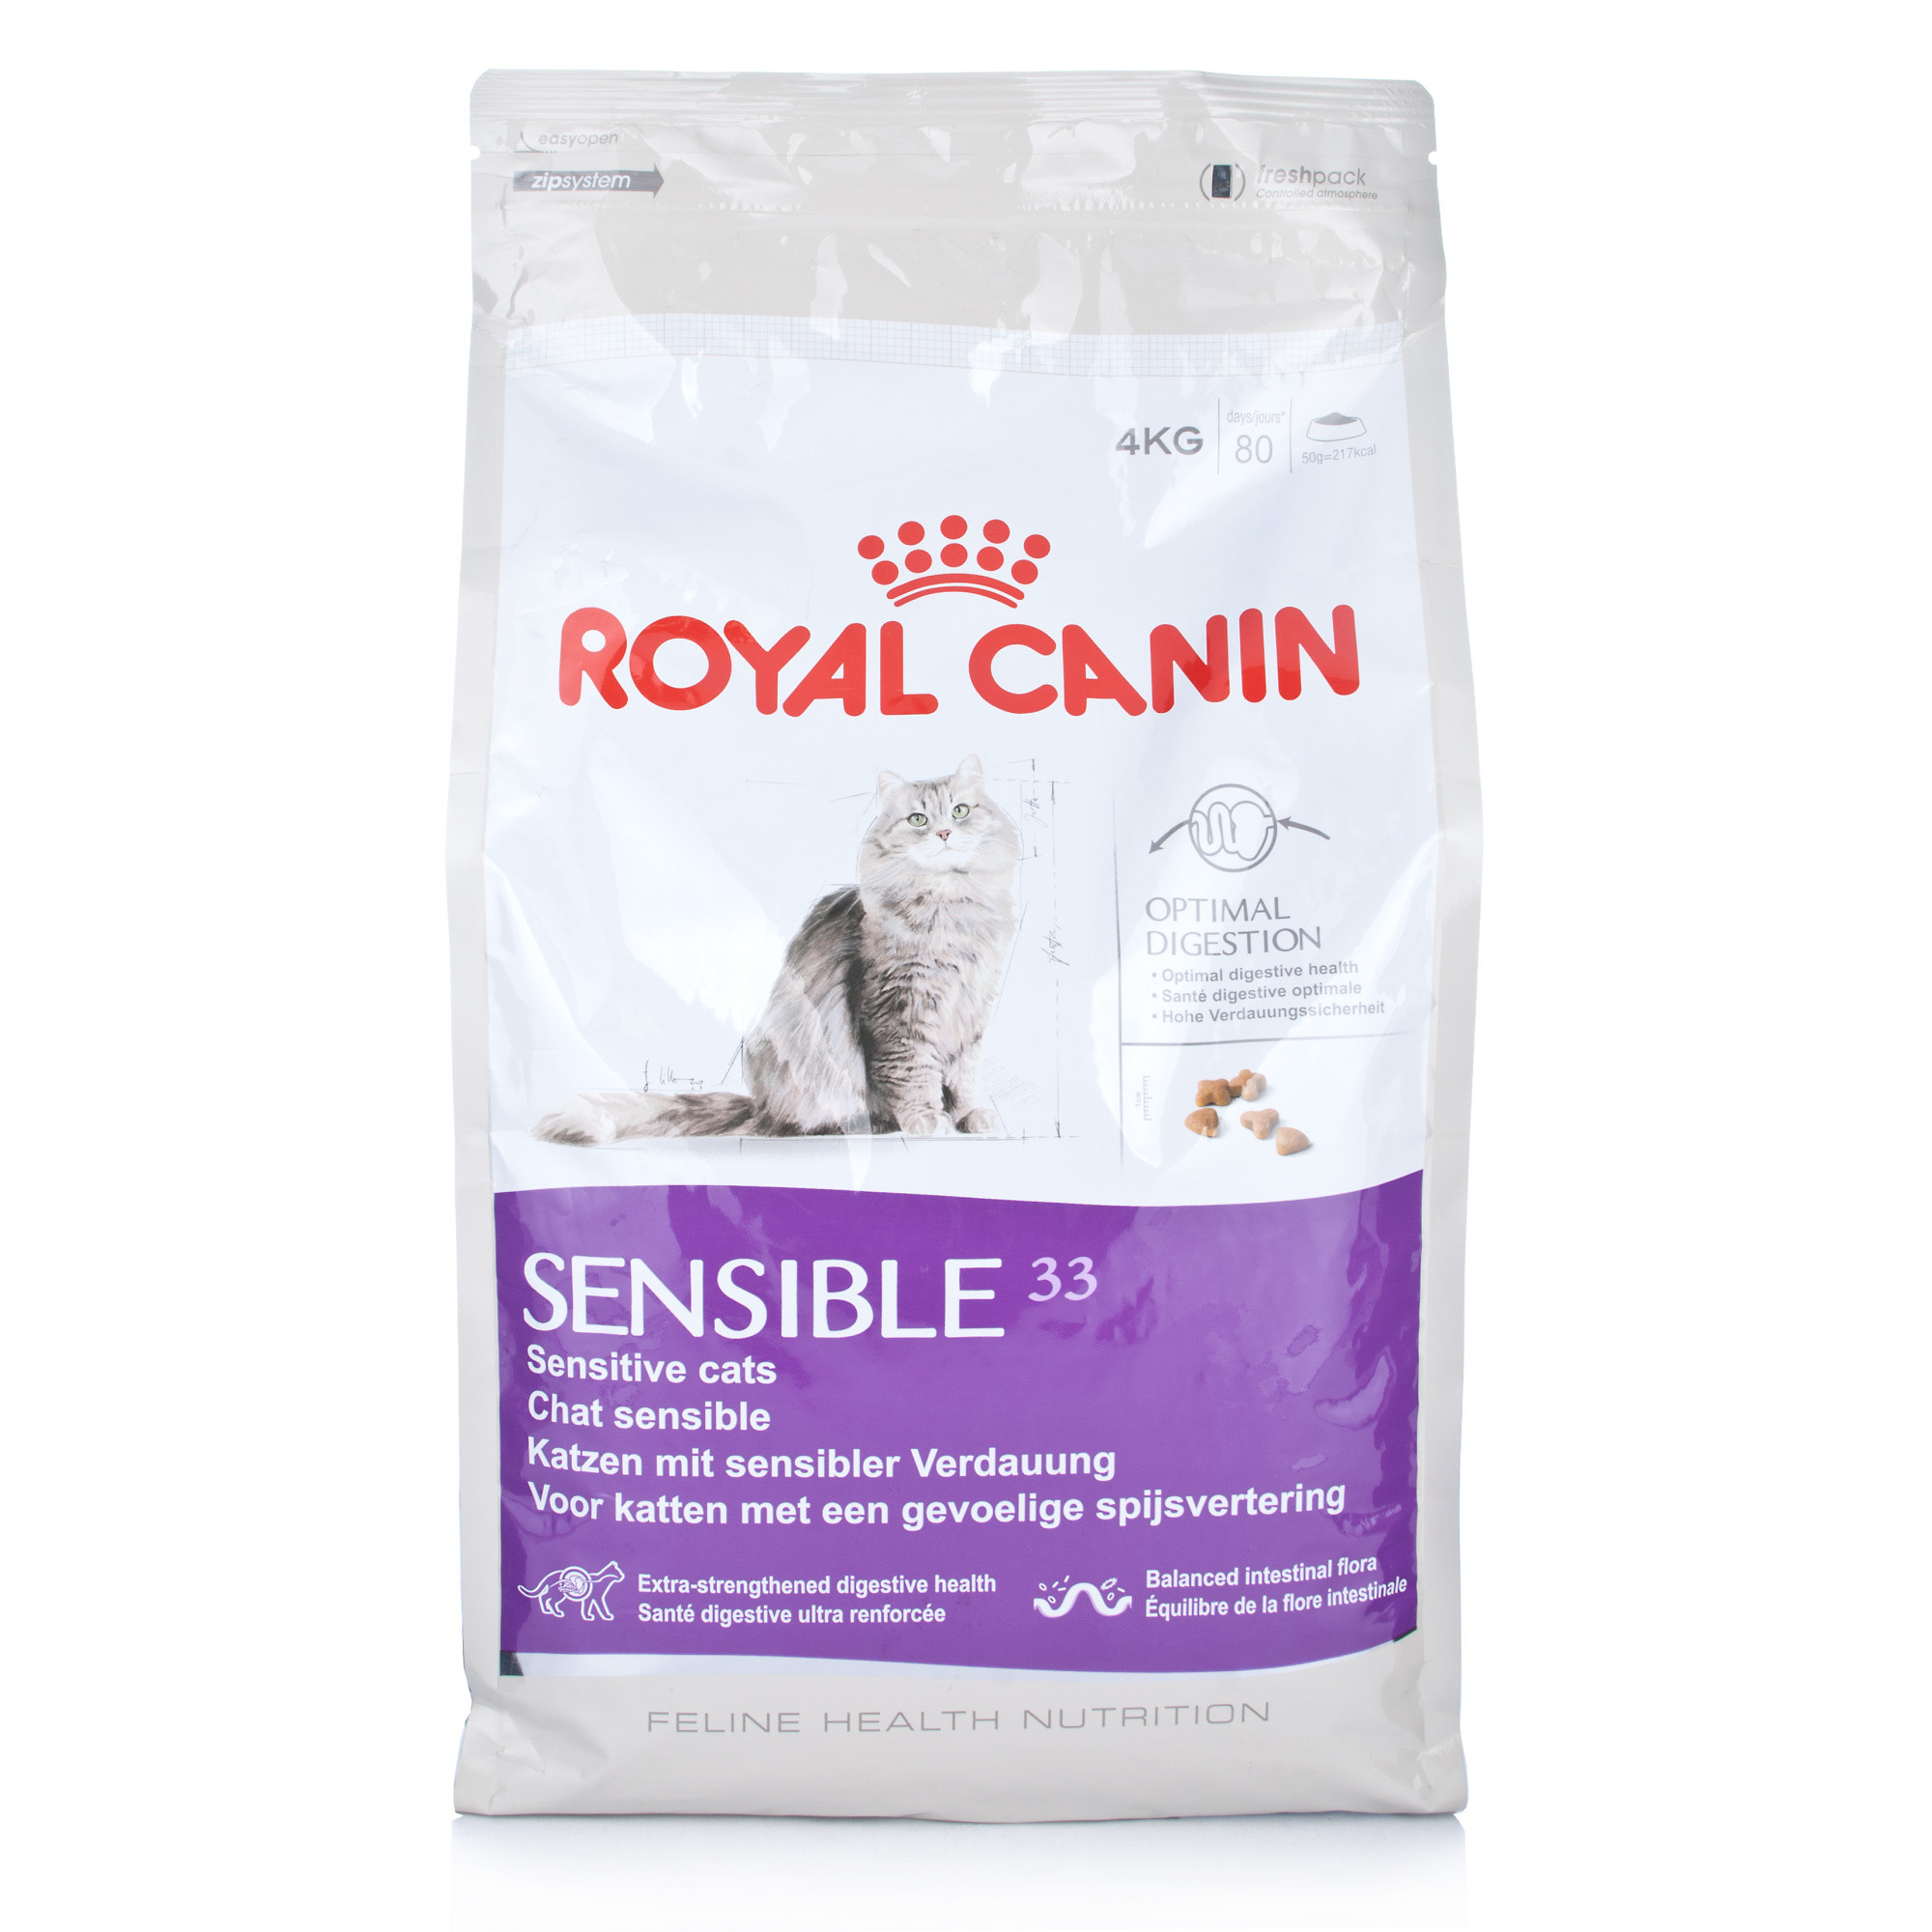 royal canin feline sensible digestive sensitivity chemist direct. Black Bedroom Furniture Sets. Home Design Ideas